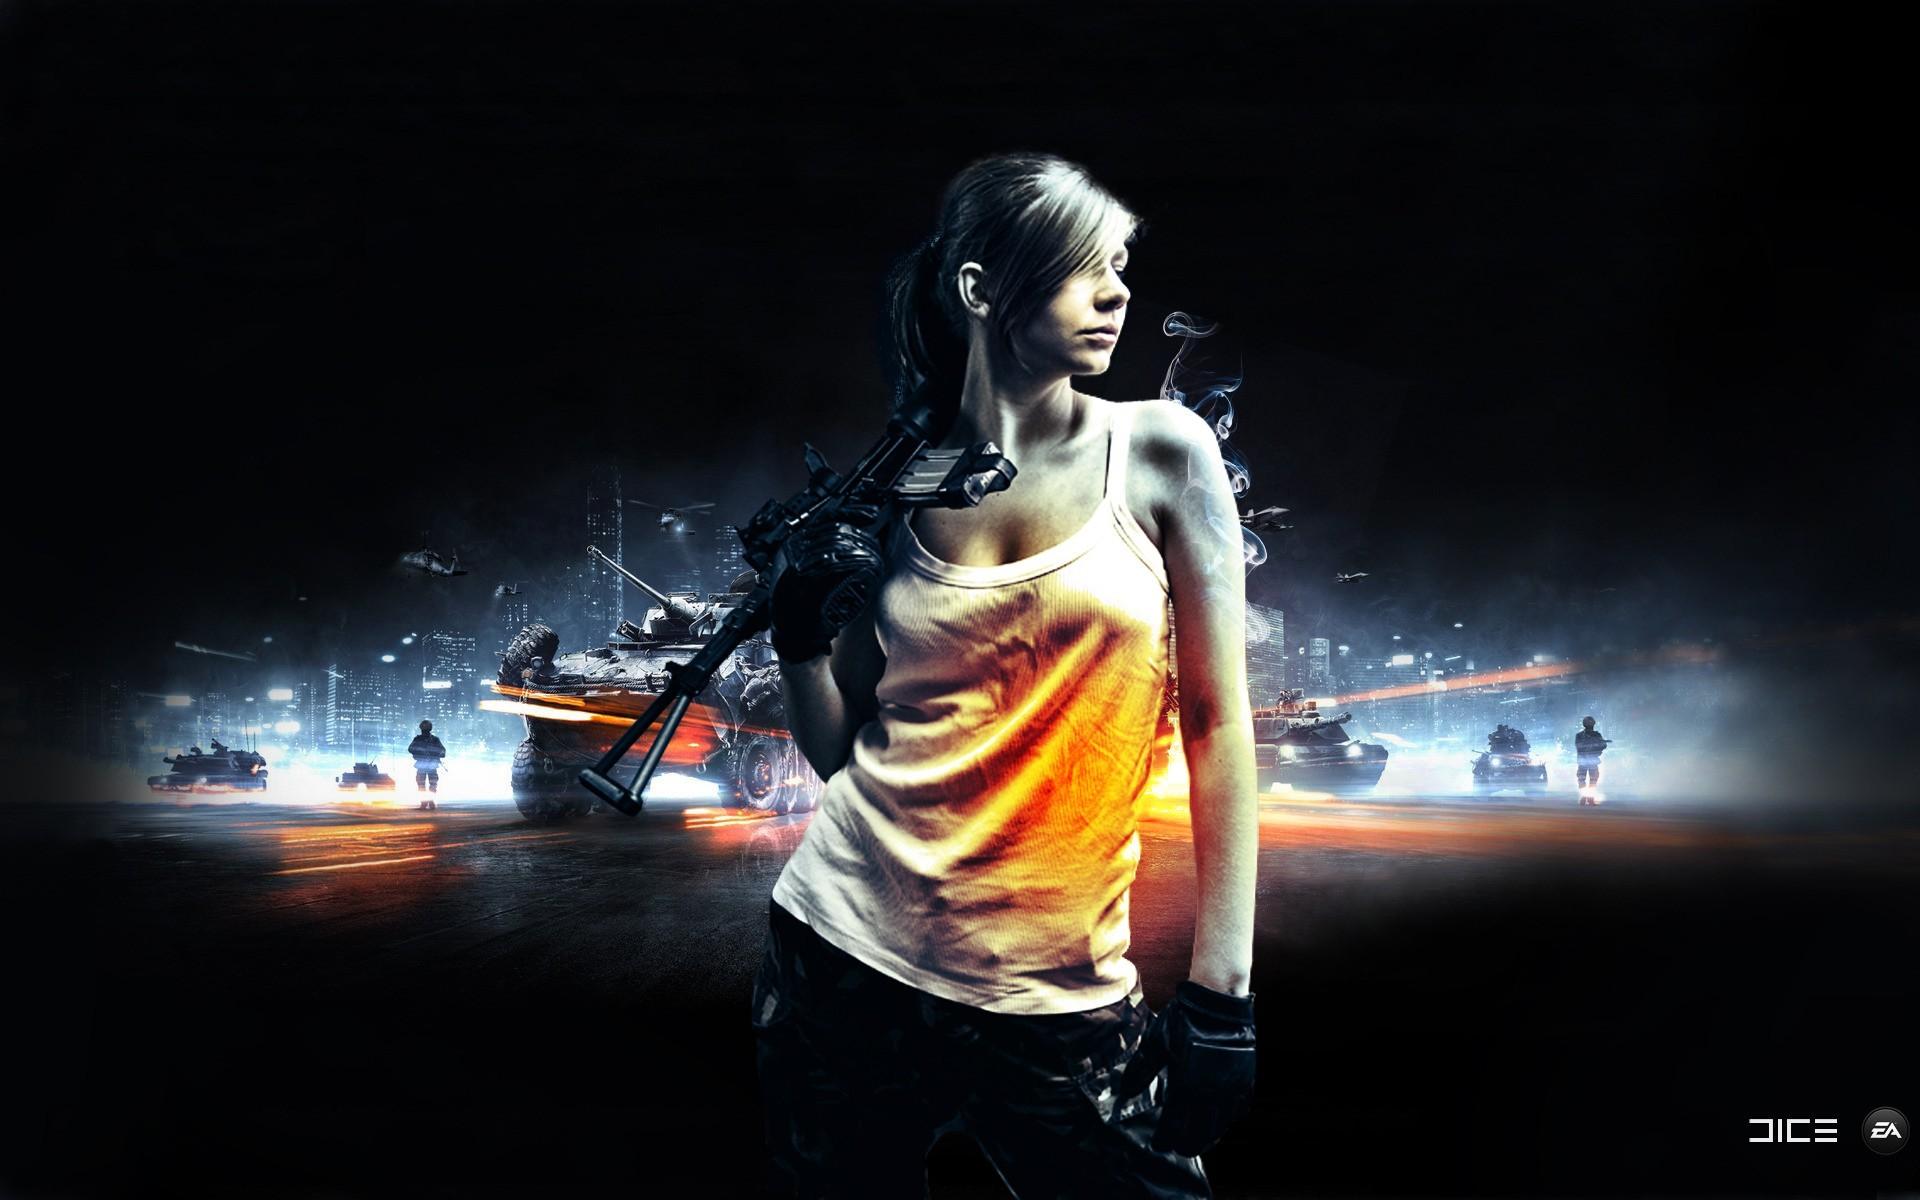 battlefield 3 wallpaper girl